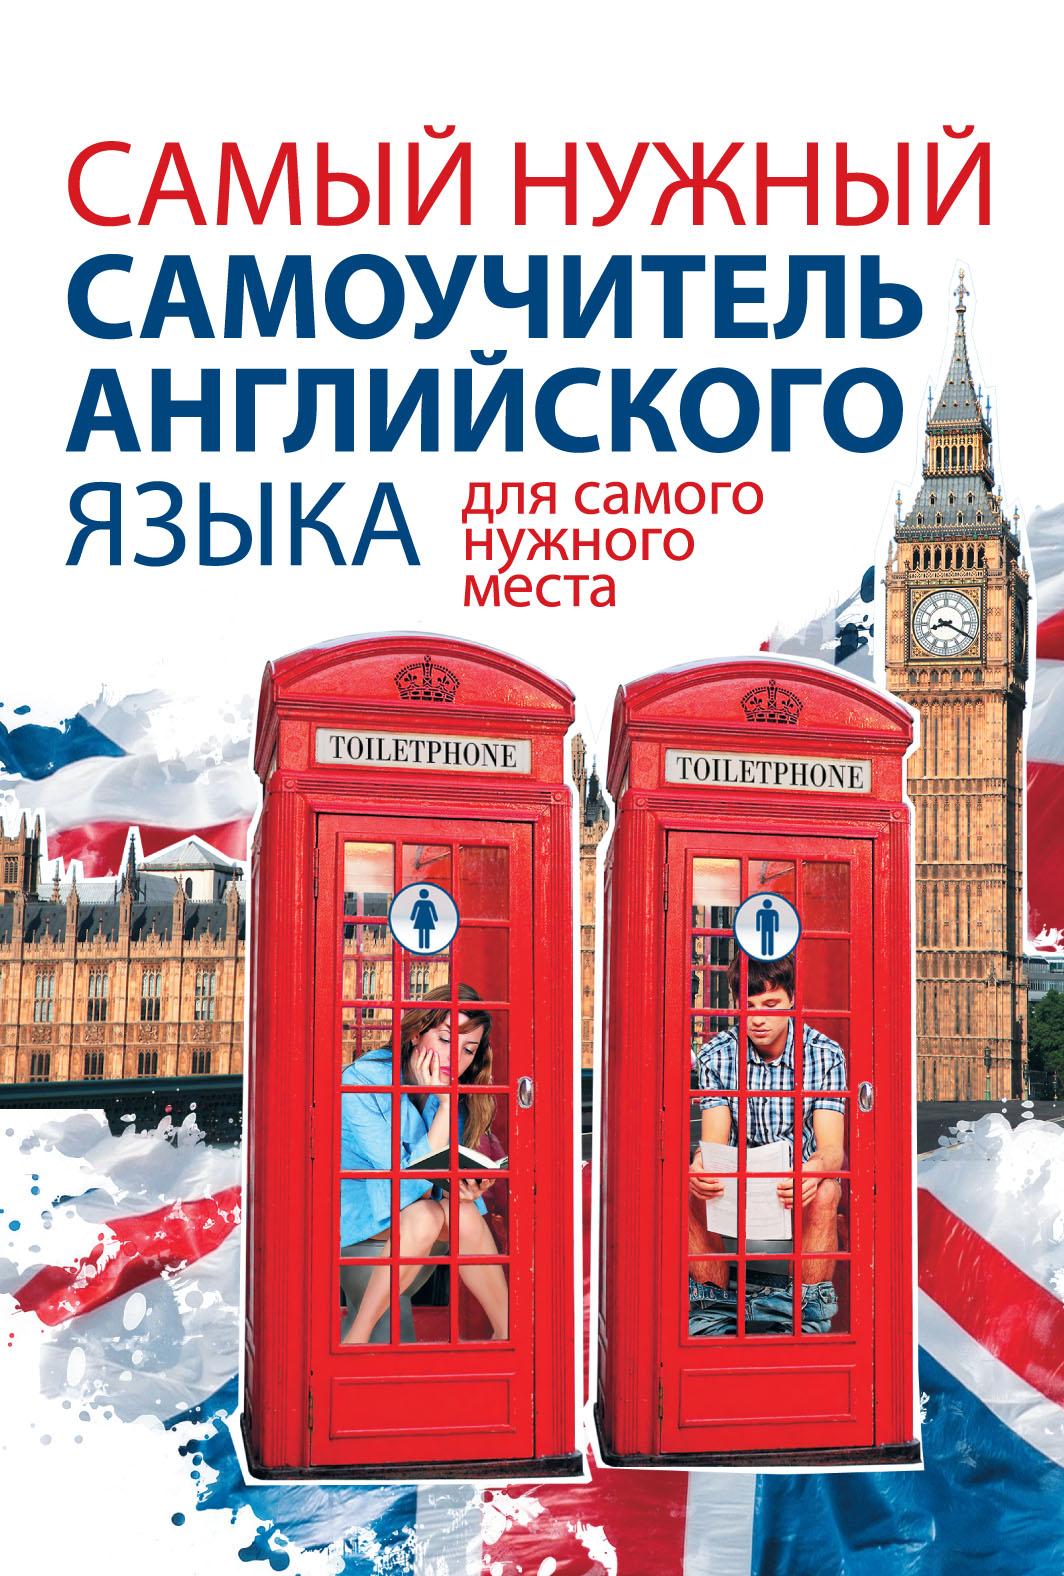 С. А. Матвеев Самый нужный самоучитель английского языка для самого нужного места цена и фото